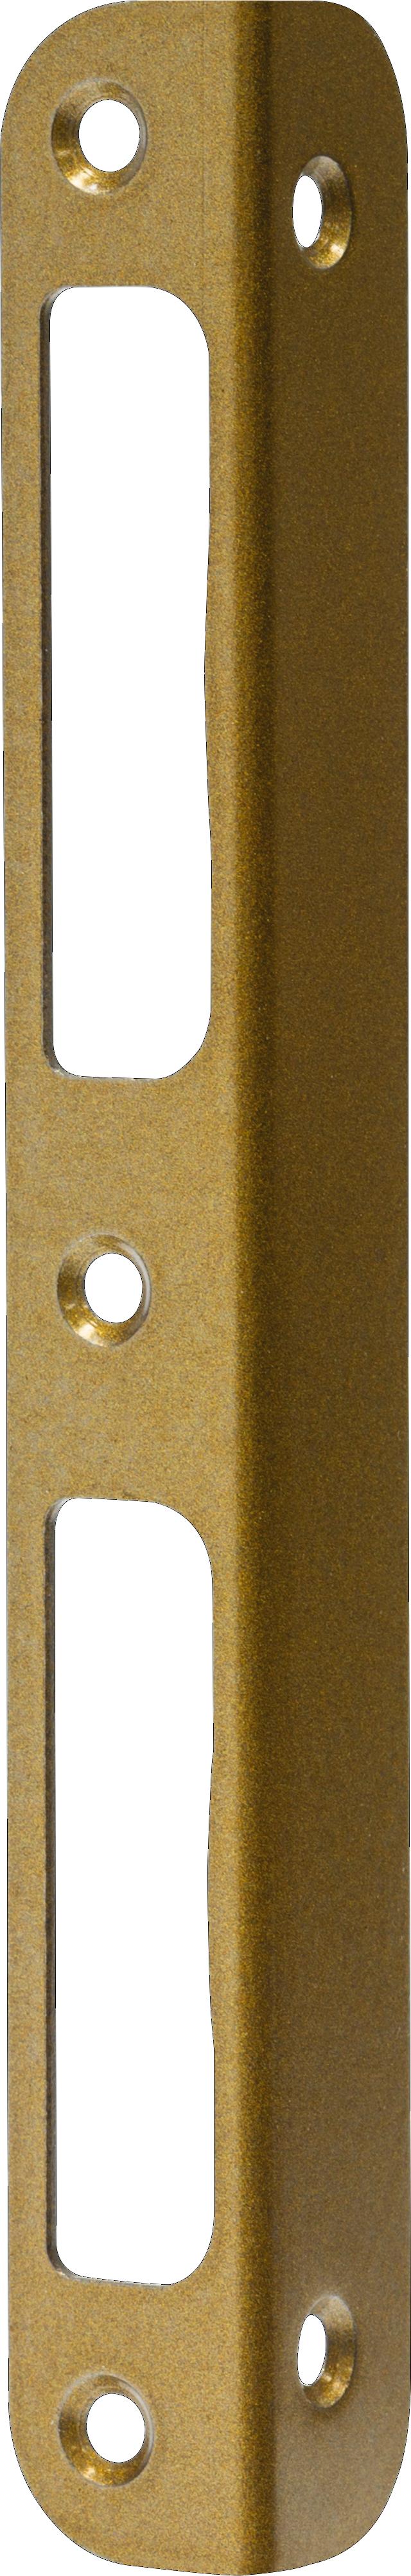 Winkelschließblech WSB170 LR G 20x20 EK